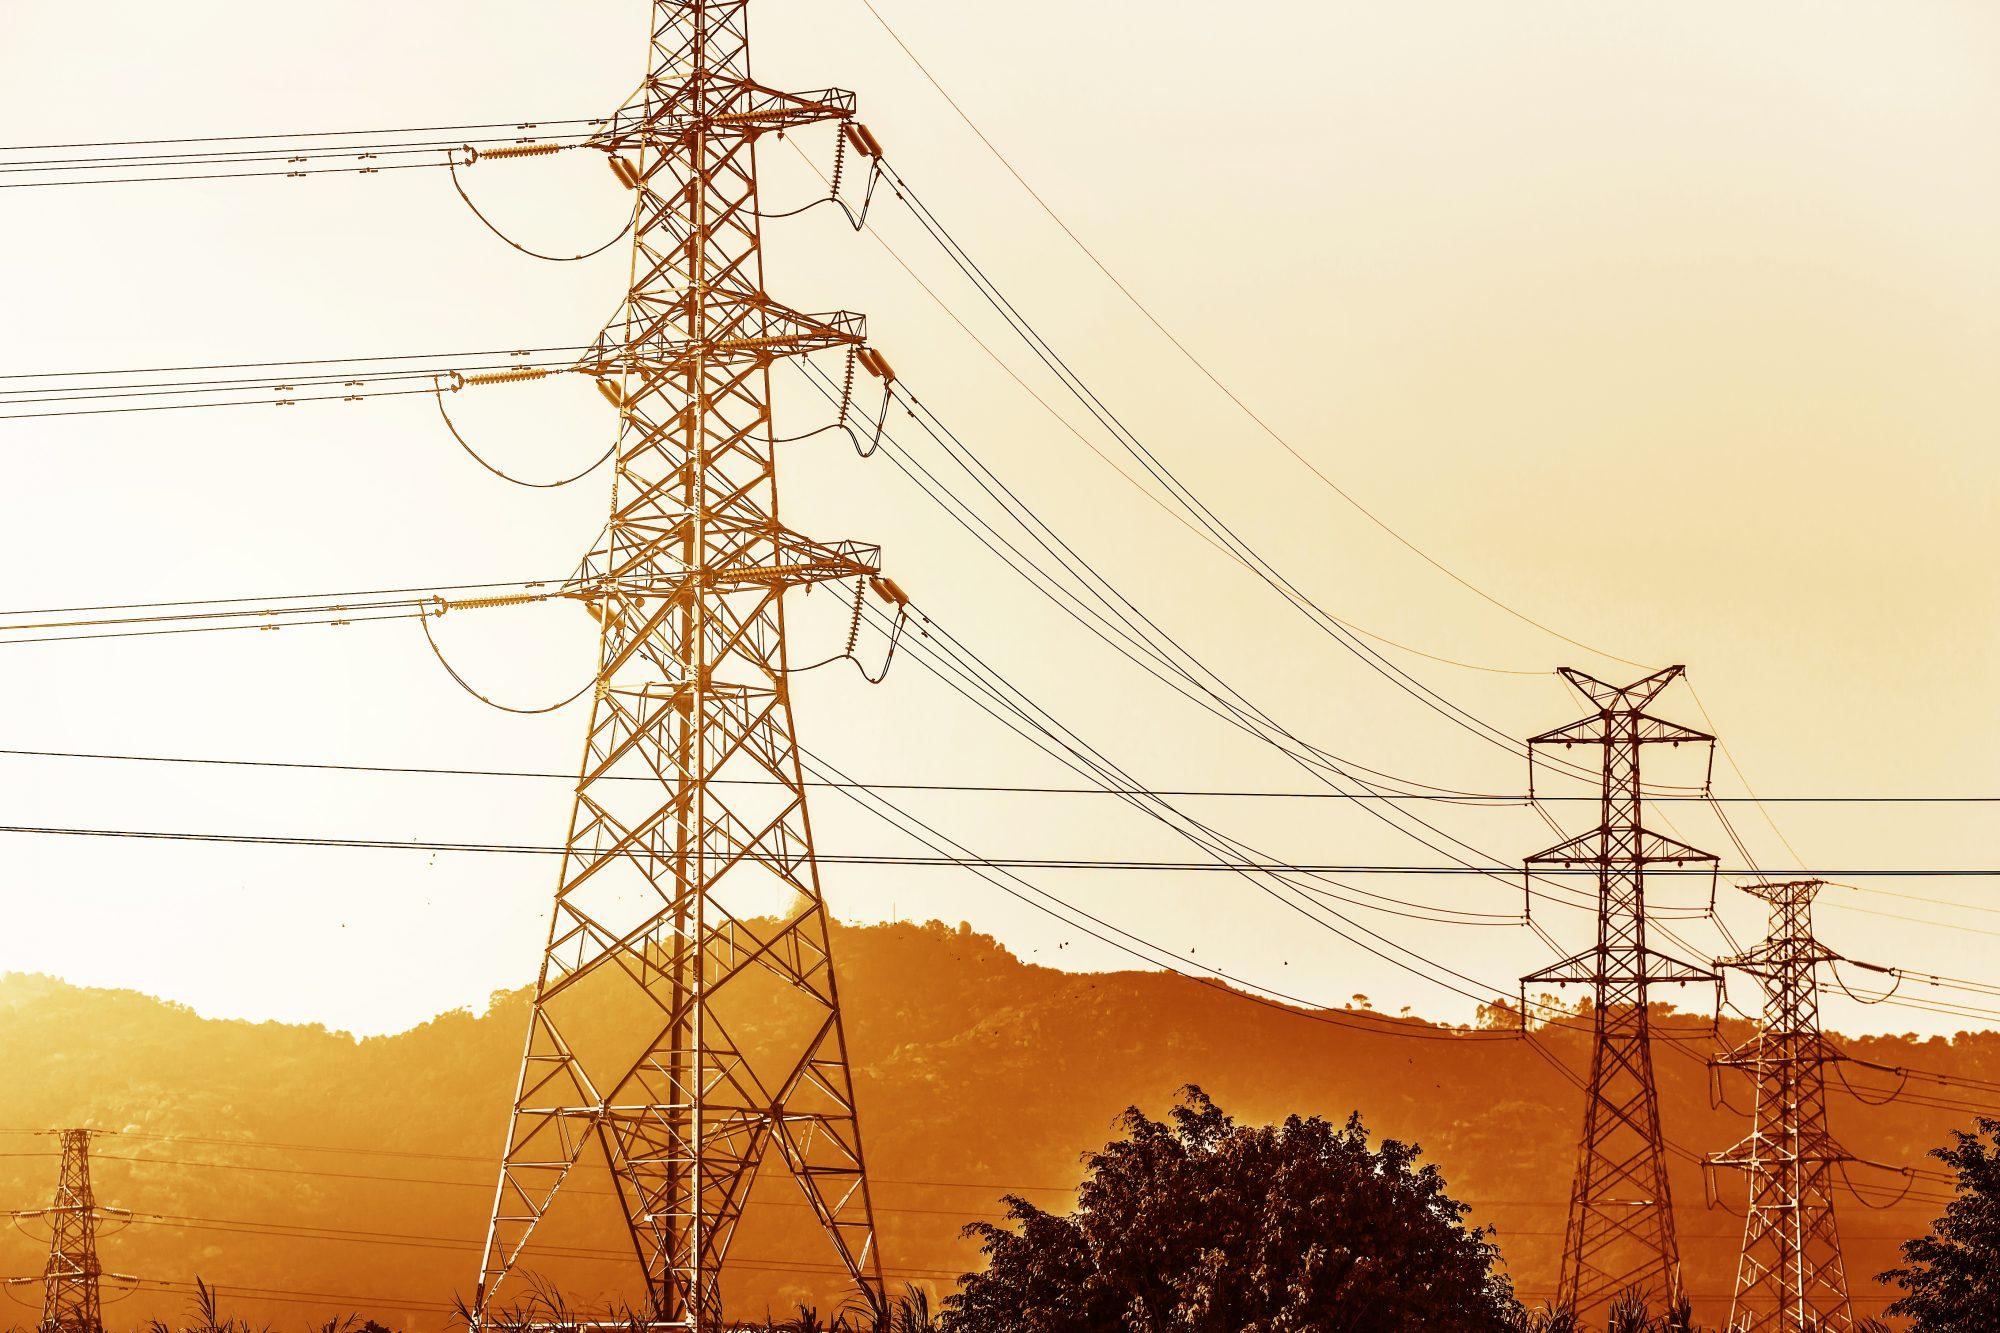 Suspensão do pagamento de quantia mínima de distribuição de energia elétrica durante a pandemia